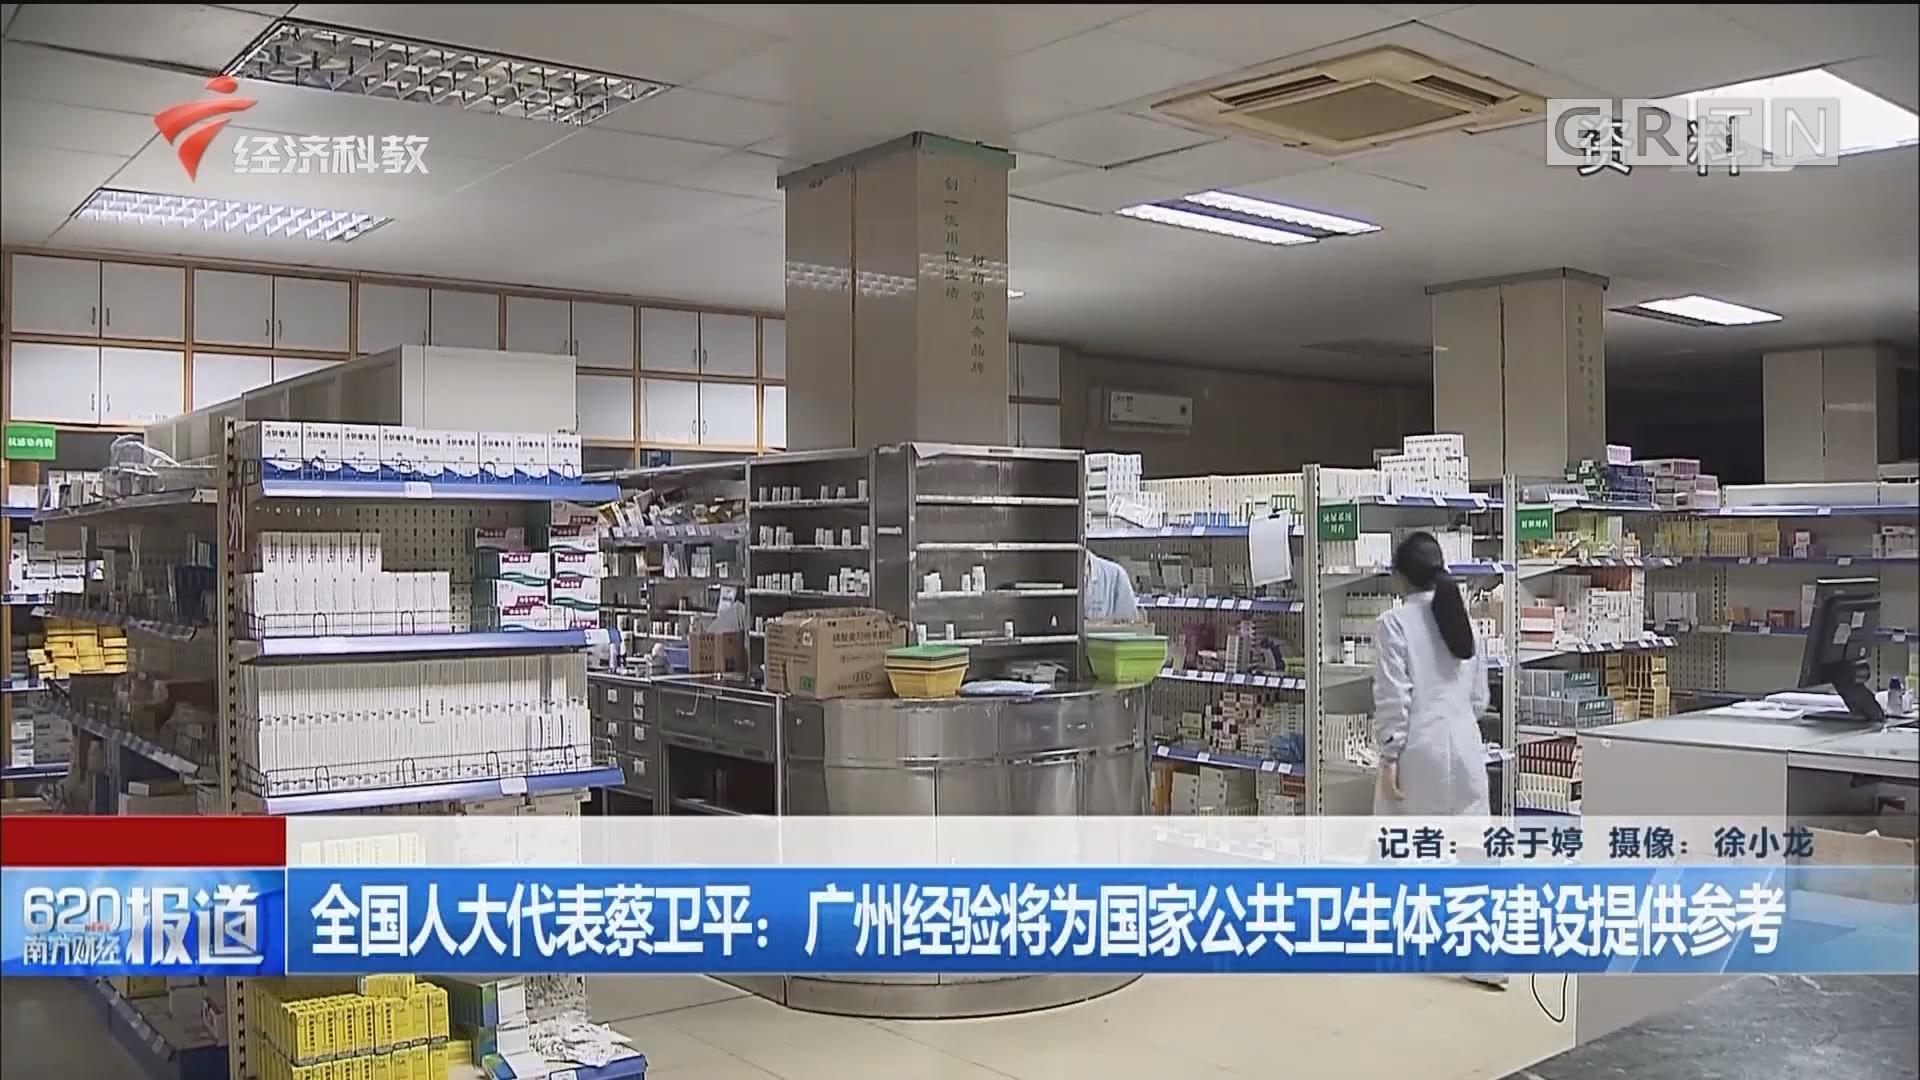 全国人大代表蔡卫平:广州经验将为国家公共卫生体系建设提供参考